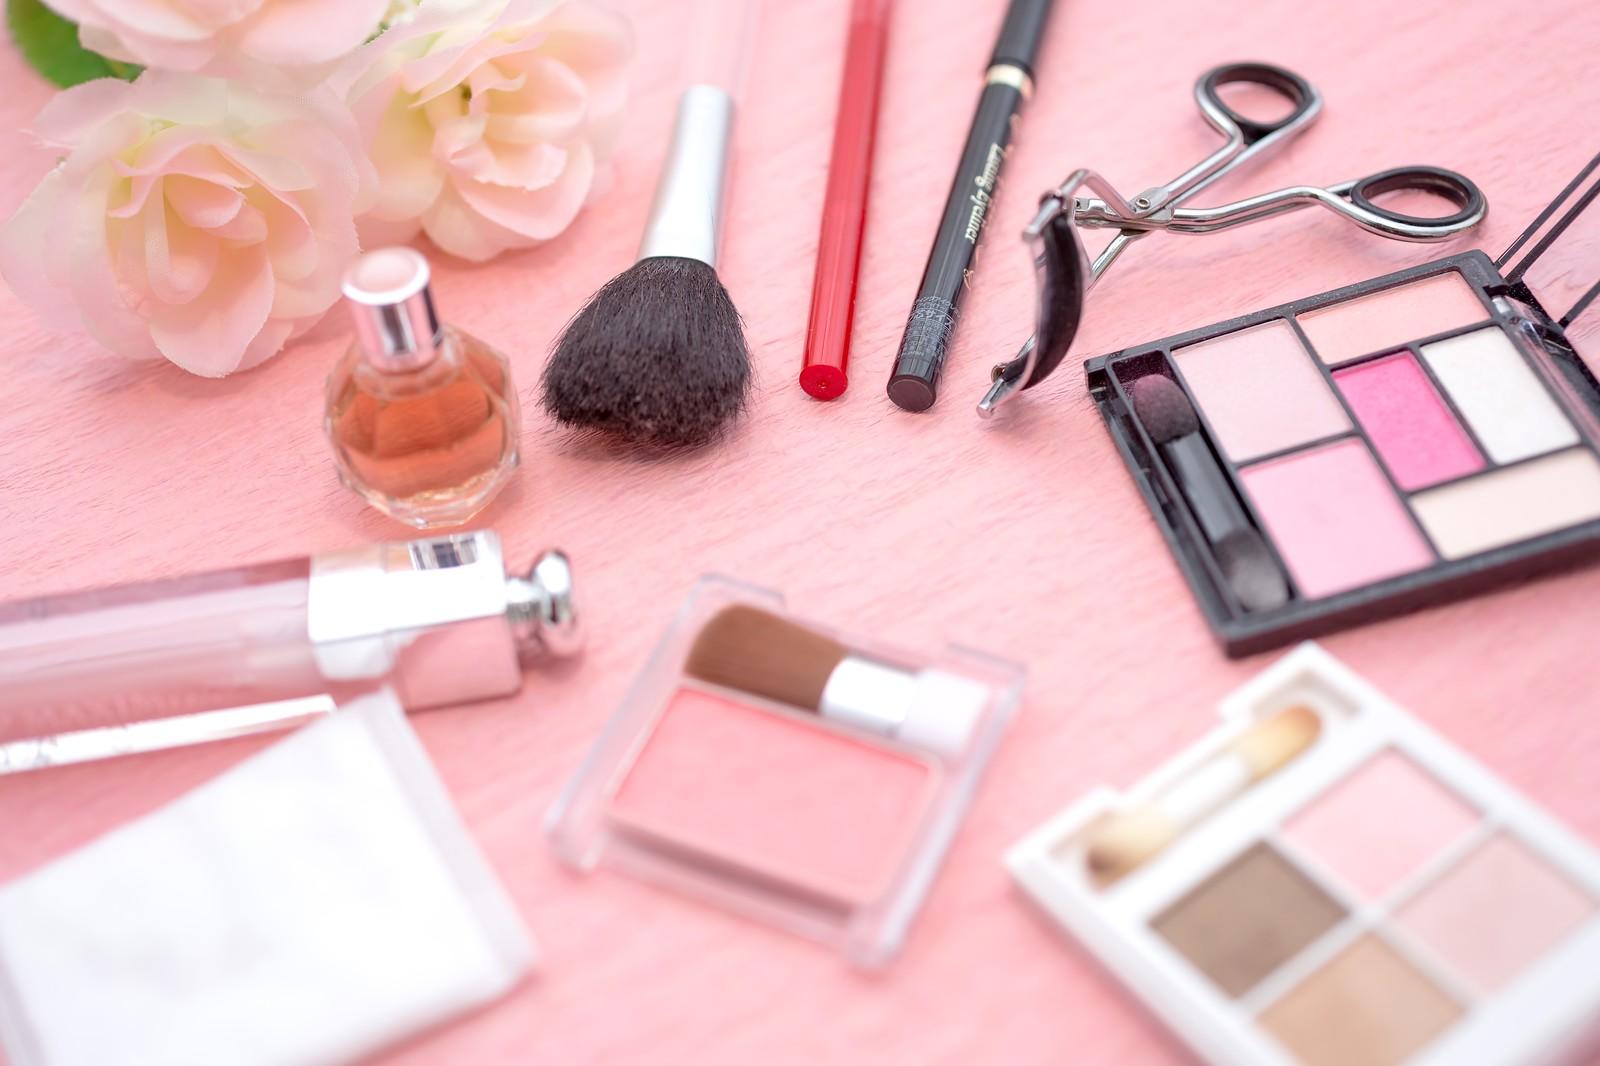 複数の化粧品